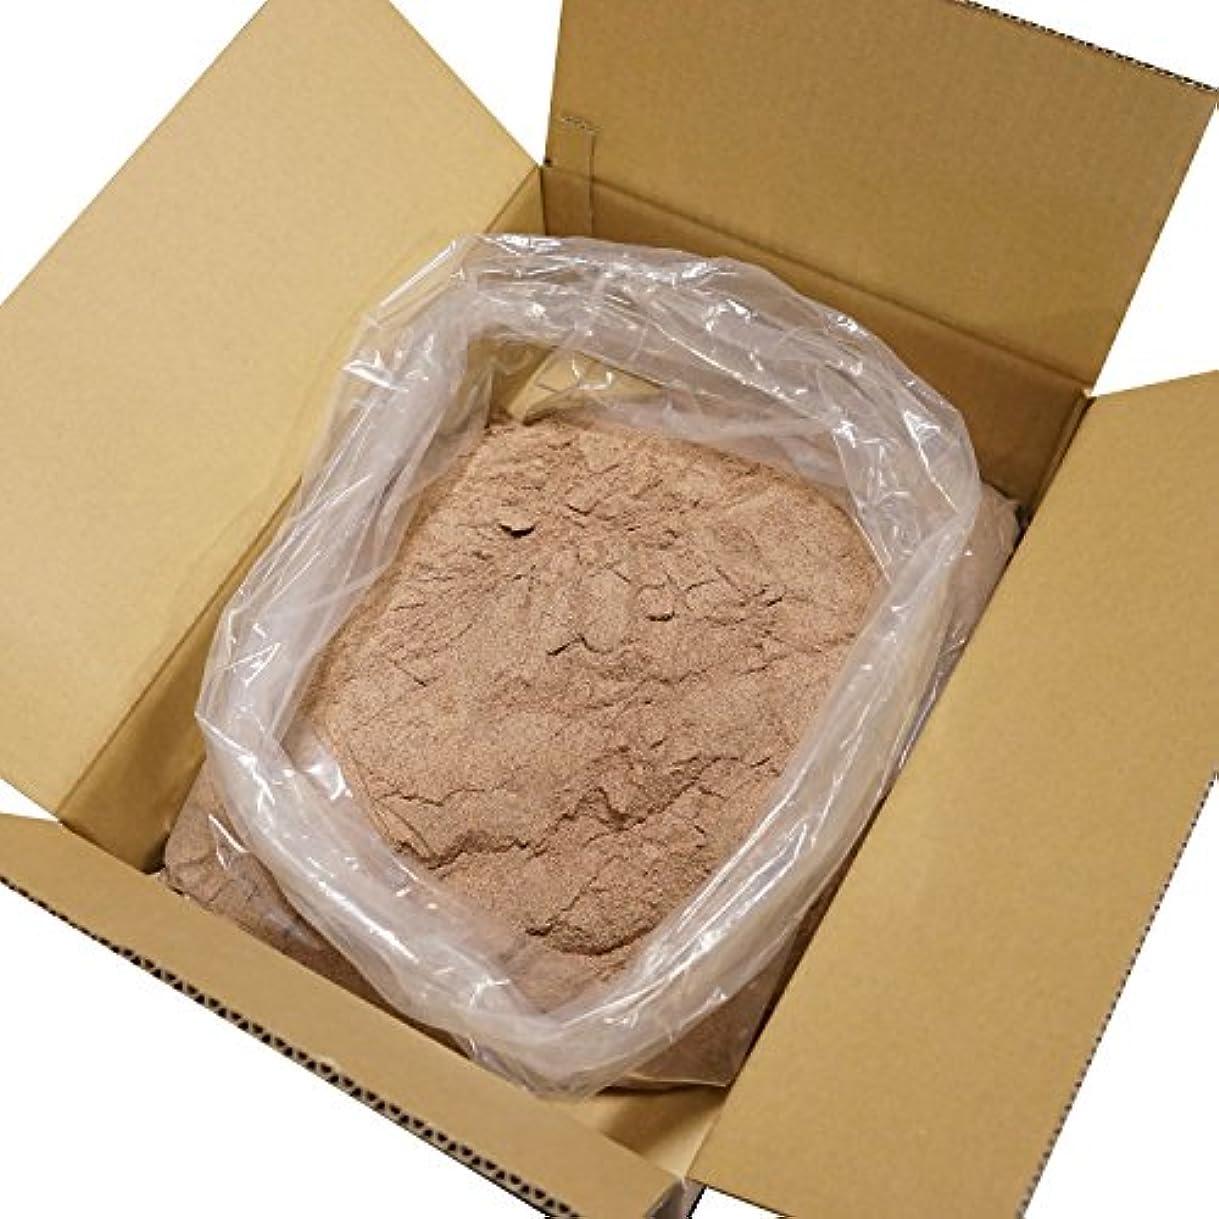 重大バクテリア角度ヒマラヤ 岩塩 ブラック パウダー 細粒タイプ 業務用 原料 (5kg)